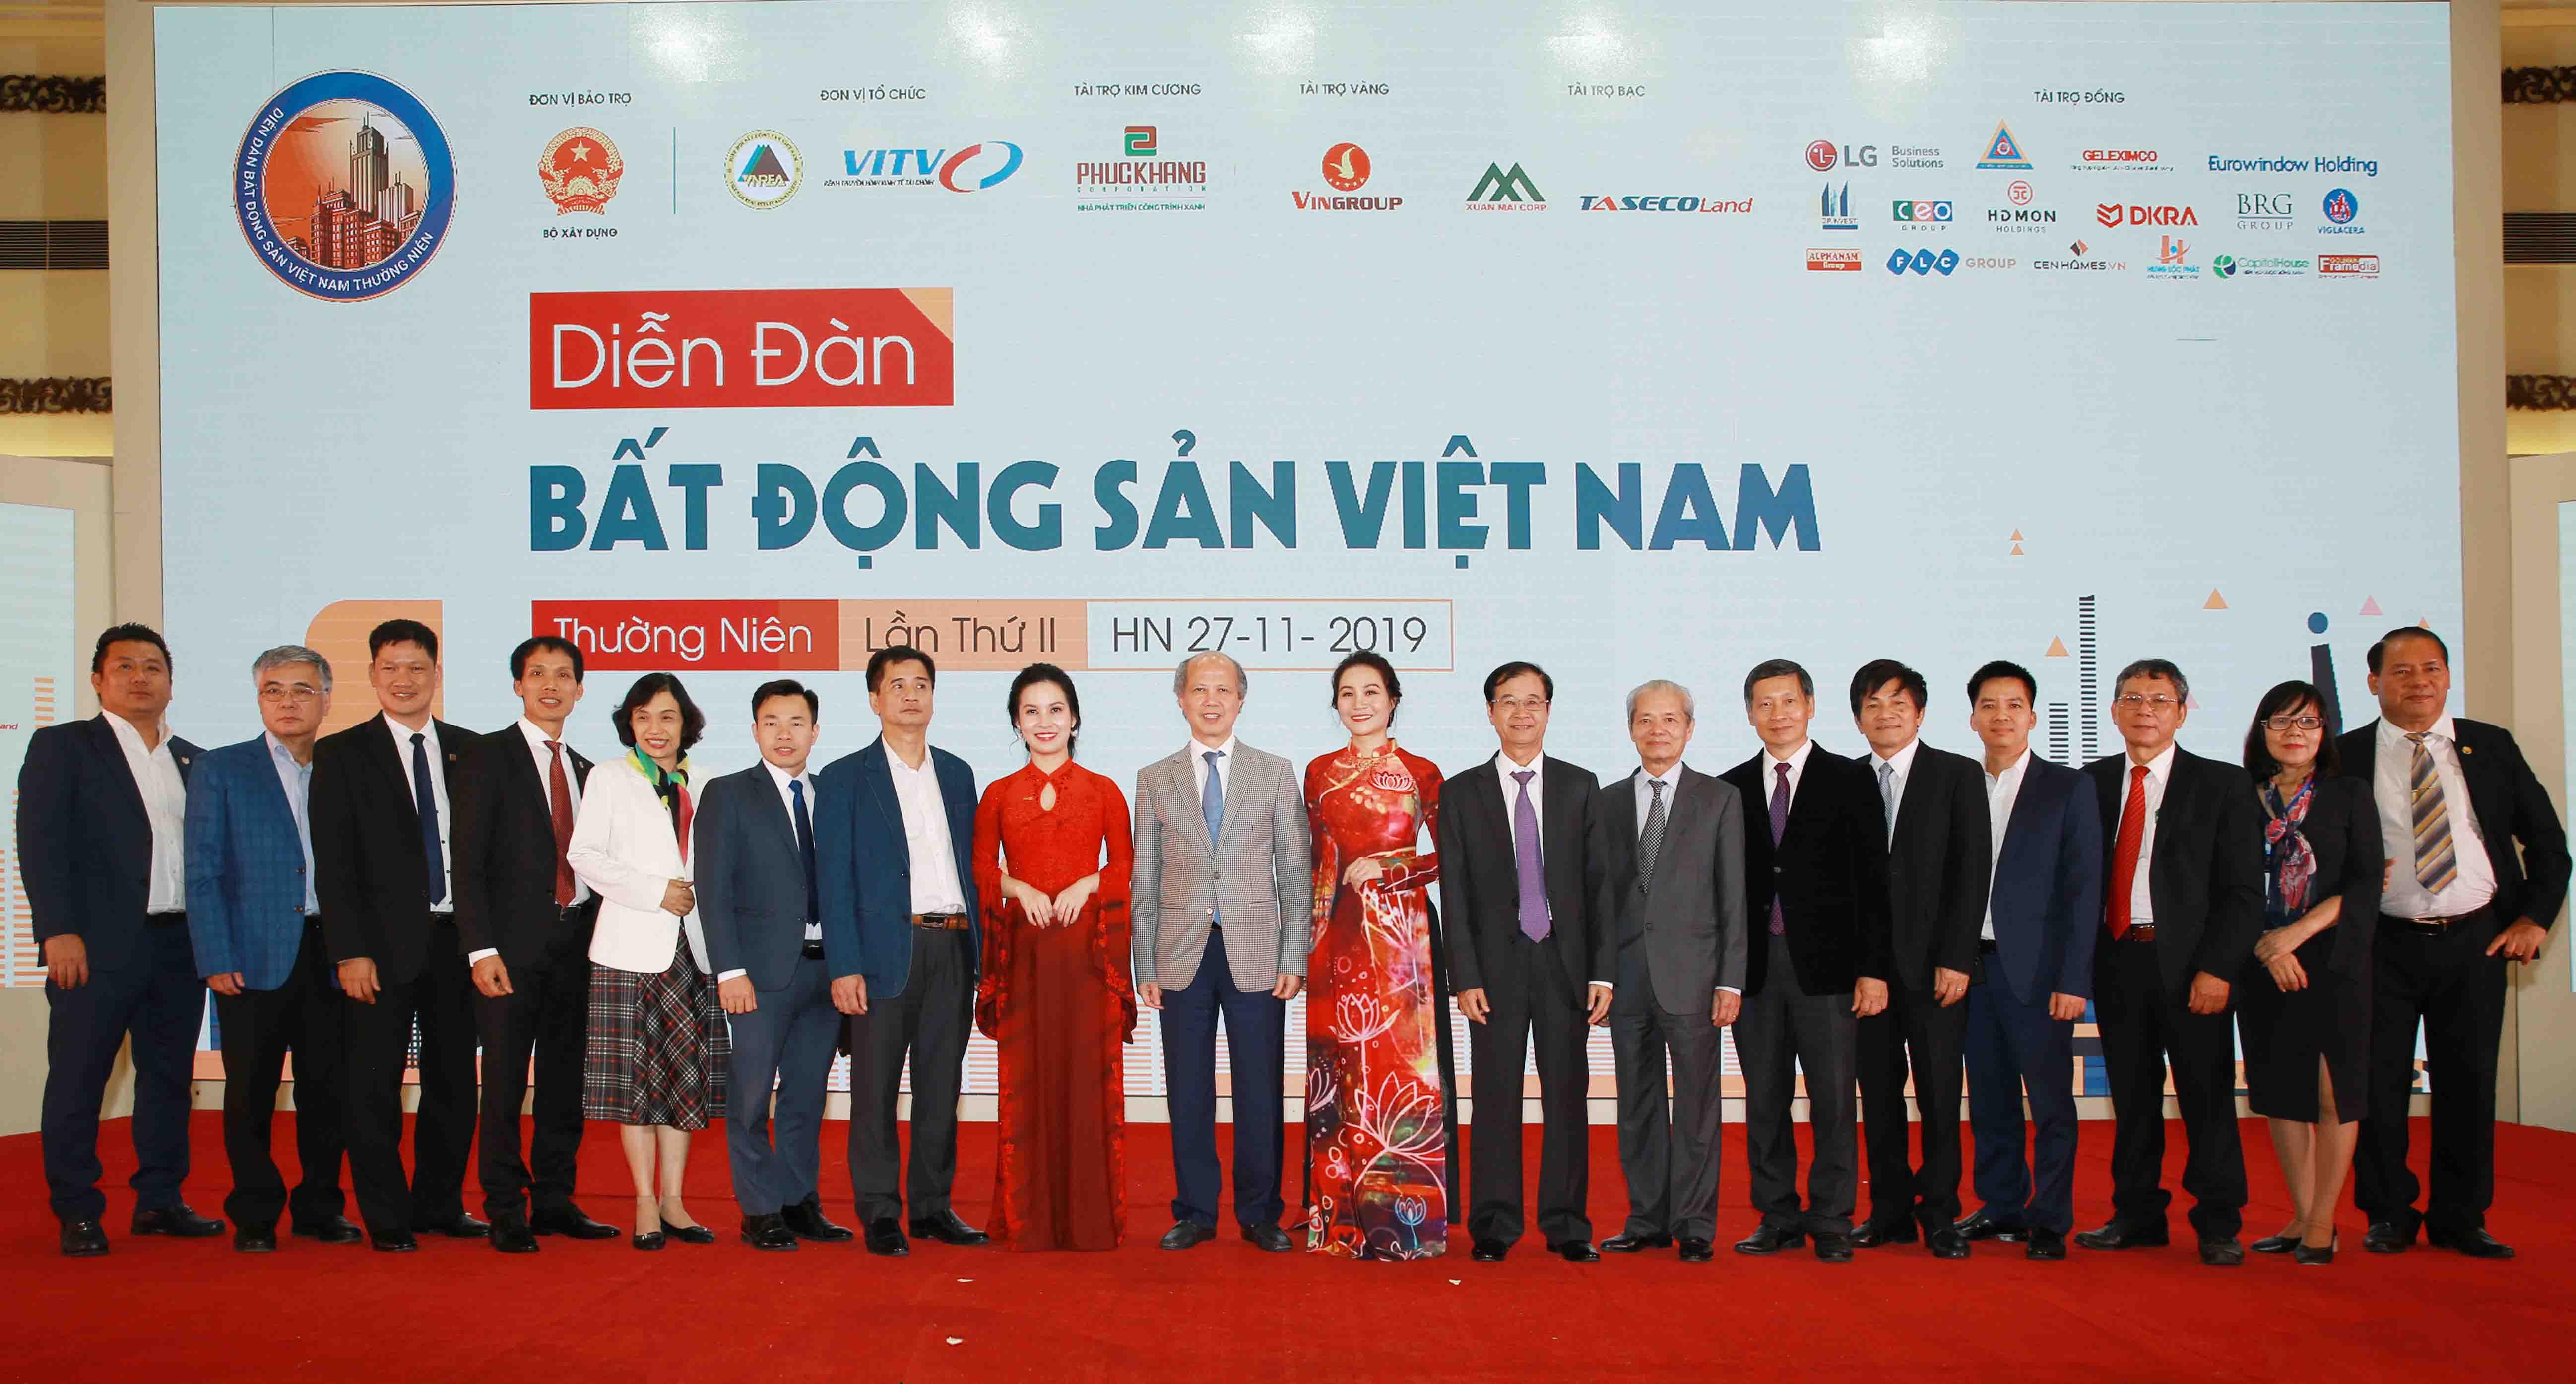 Phuc Khang Corporation tham dự Tọa đàm cấp cao tại Diễn đàn BĐS Việt Nam 2019 - Ảnh 2